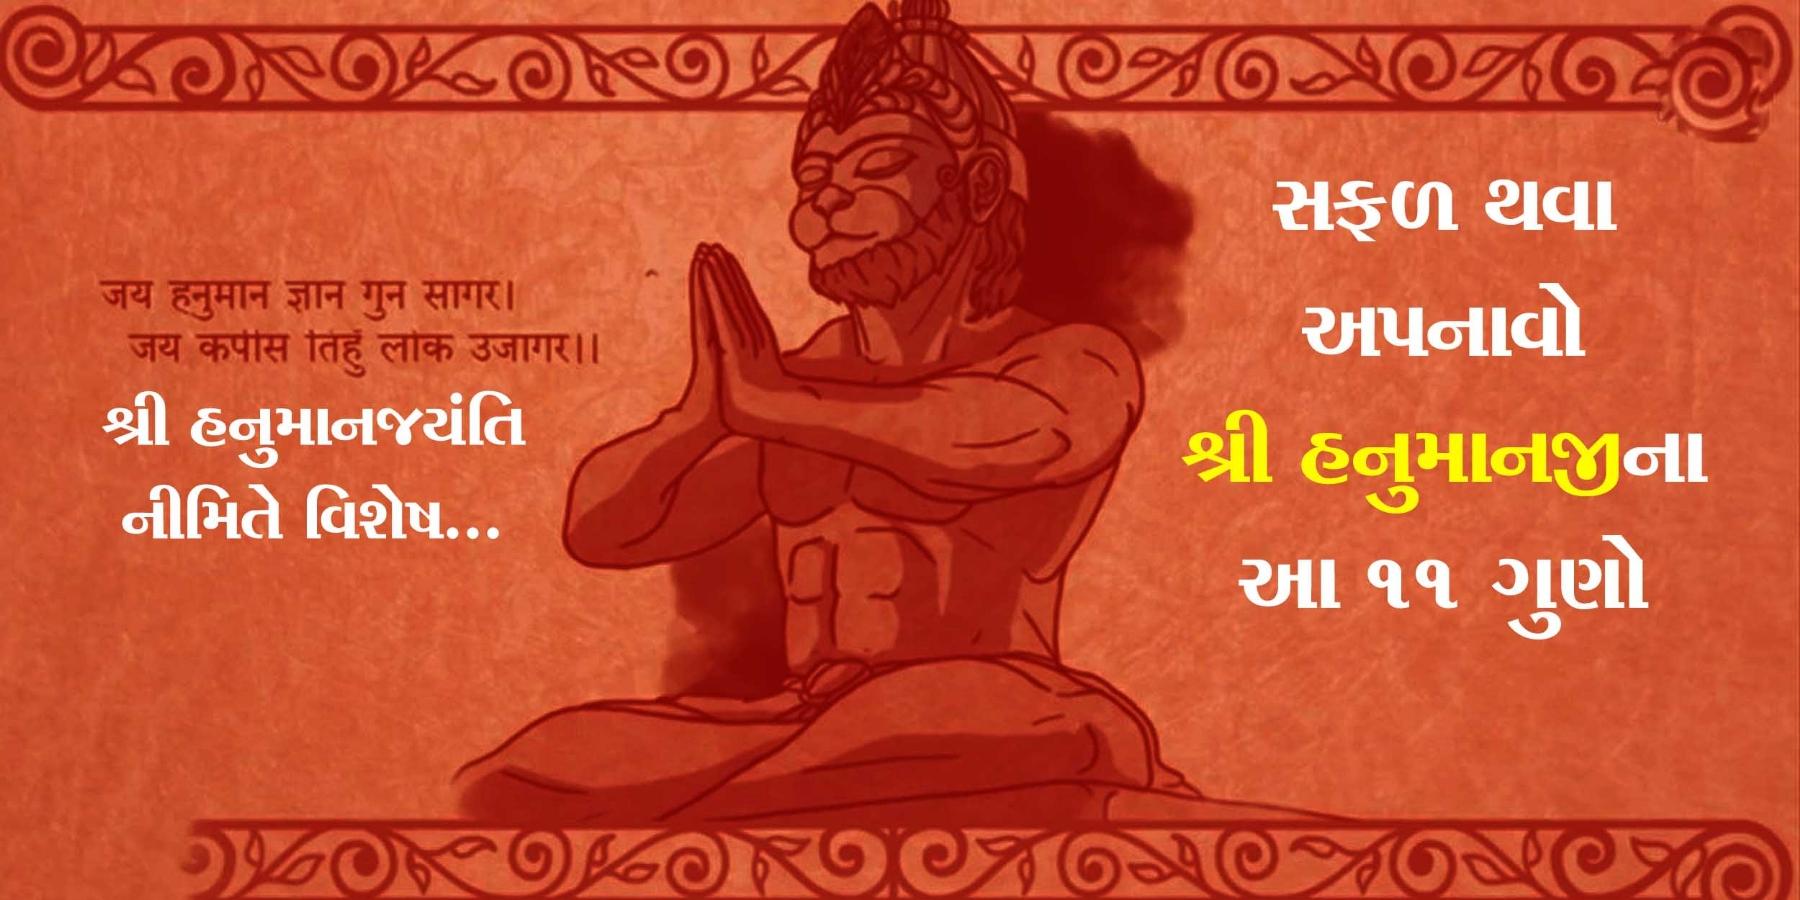 સફળ થવા અપનાવો શ્રી હનુમાનજીના આ ૧૧ ગુણો